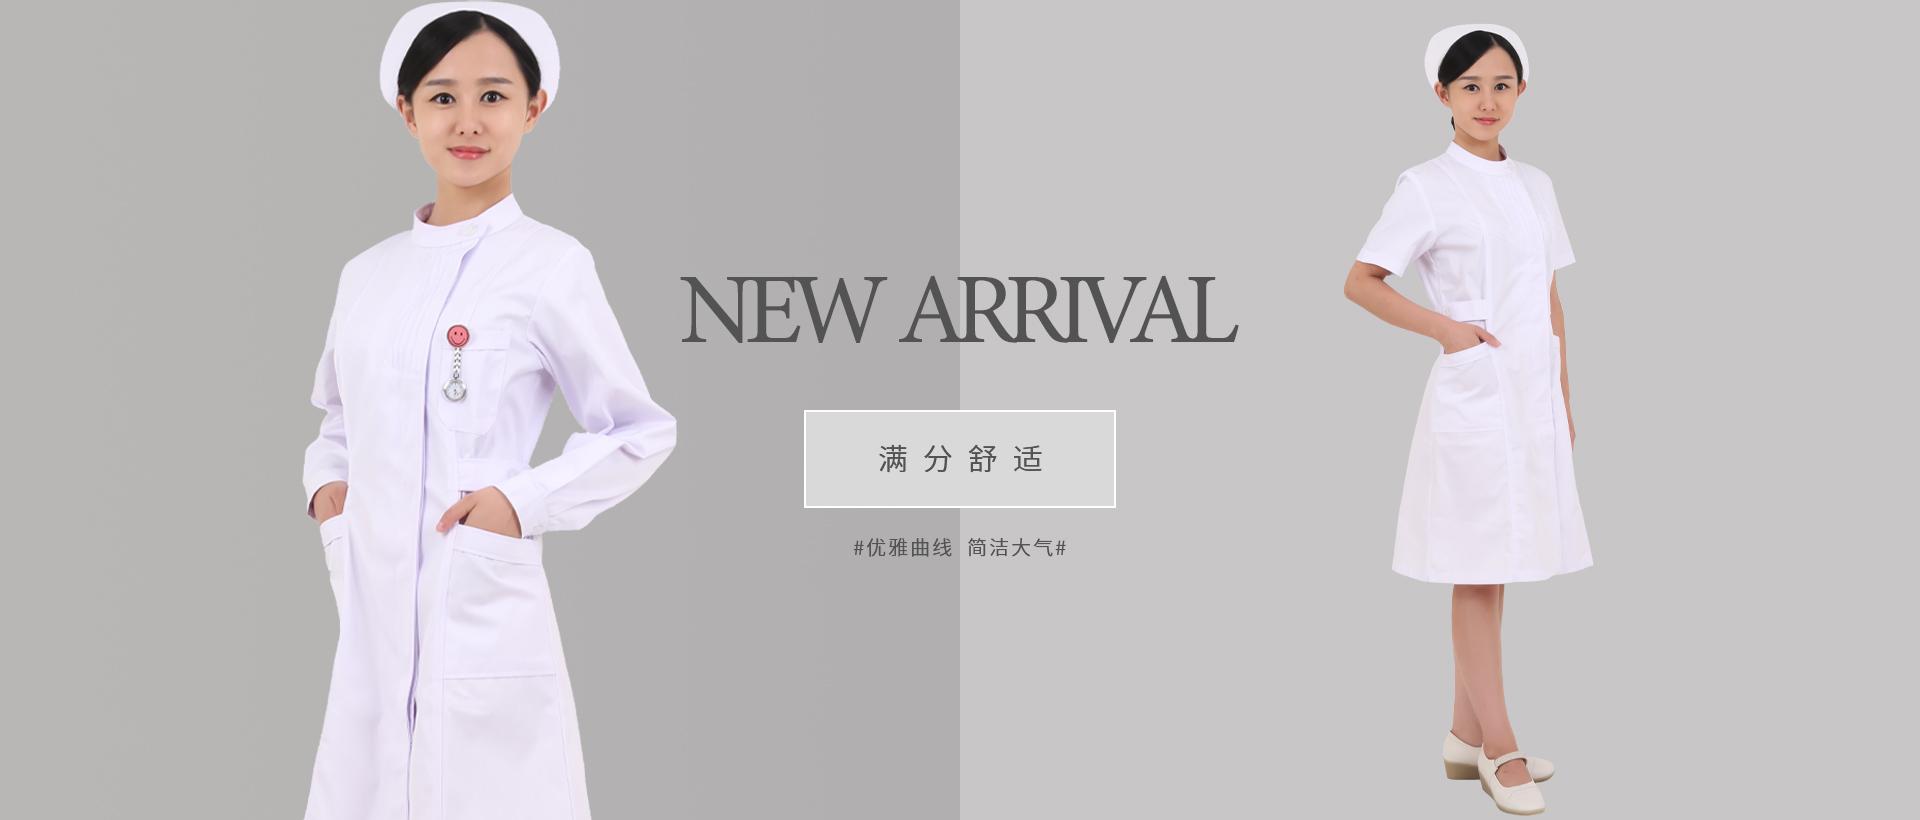 沈阳医护服装定制:护士服的历史与变革